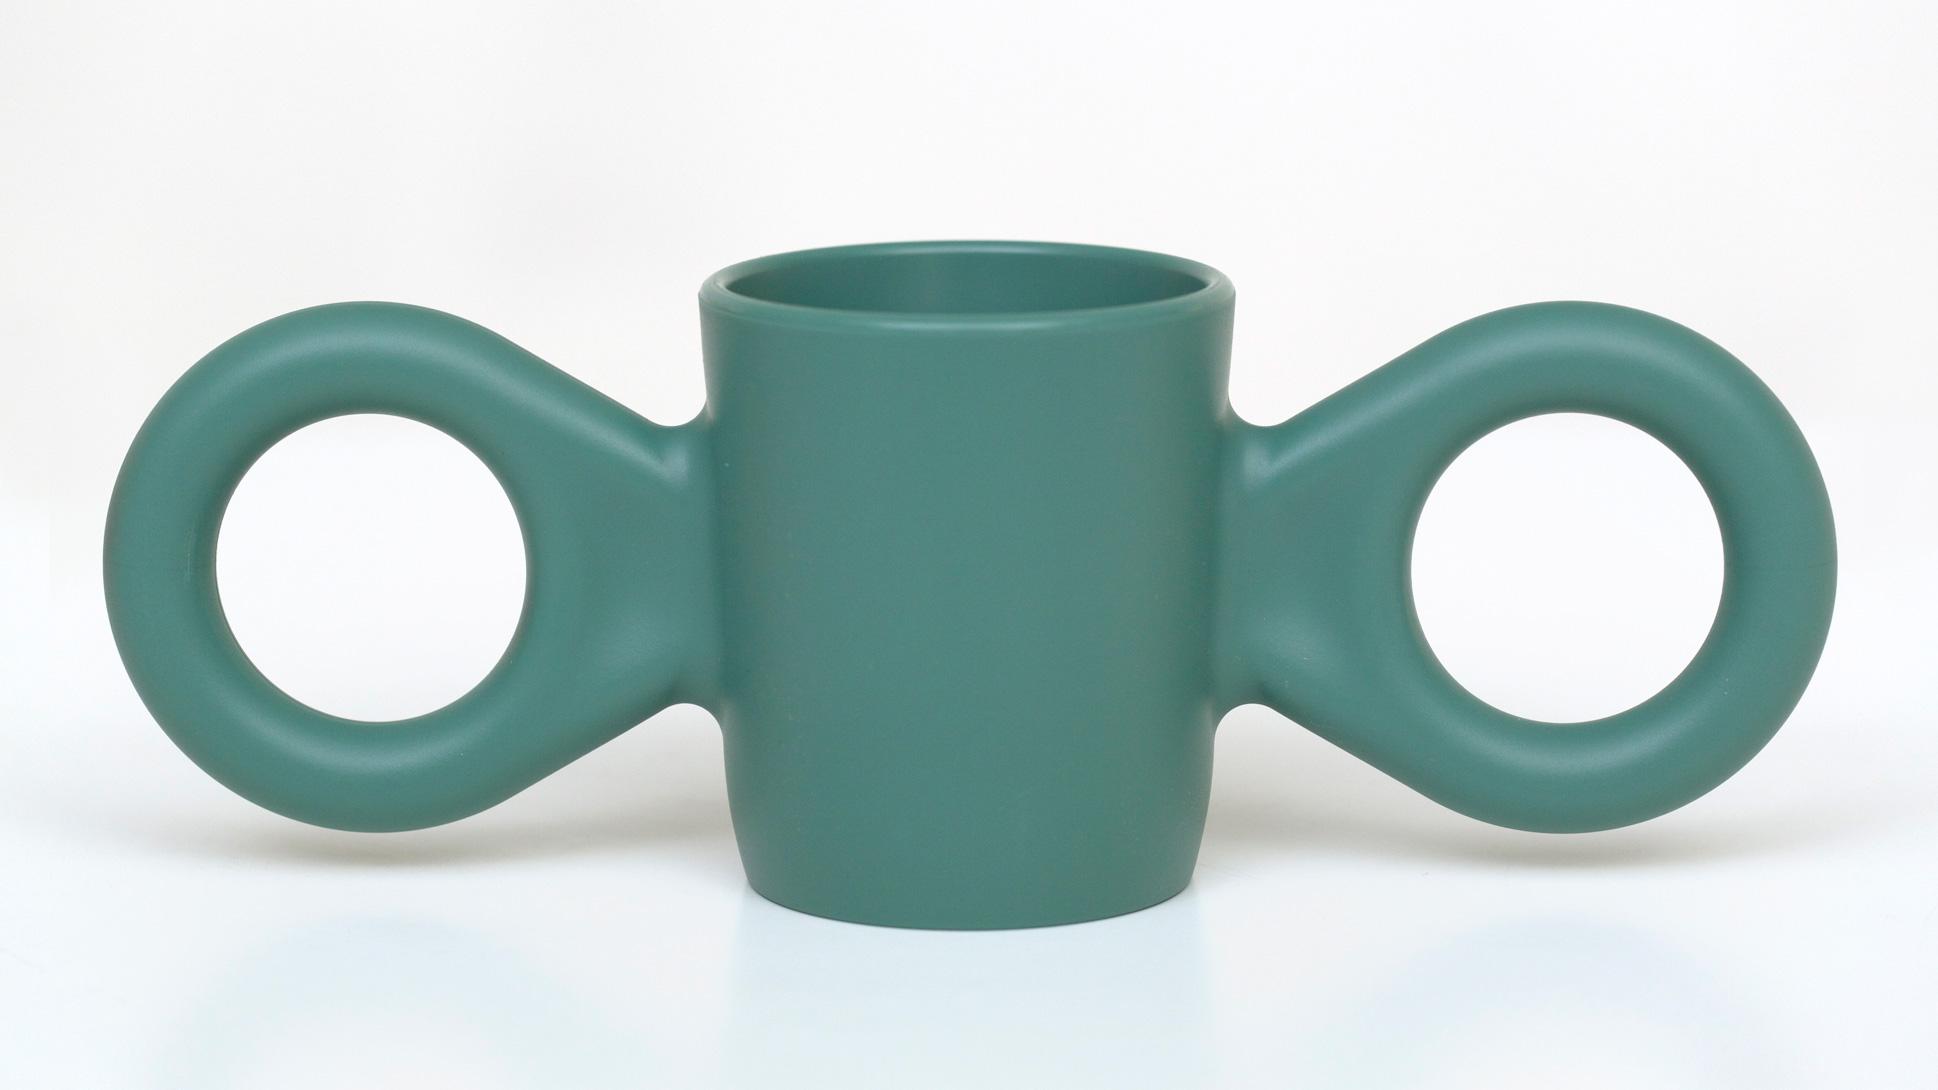 Dombo mug by Richard Hutten